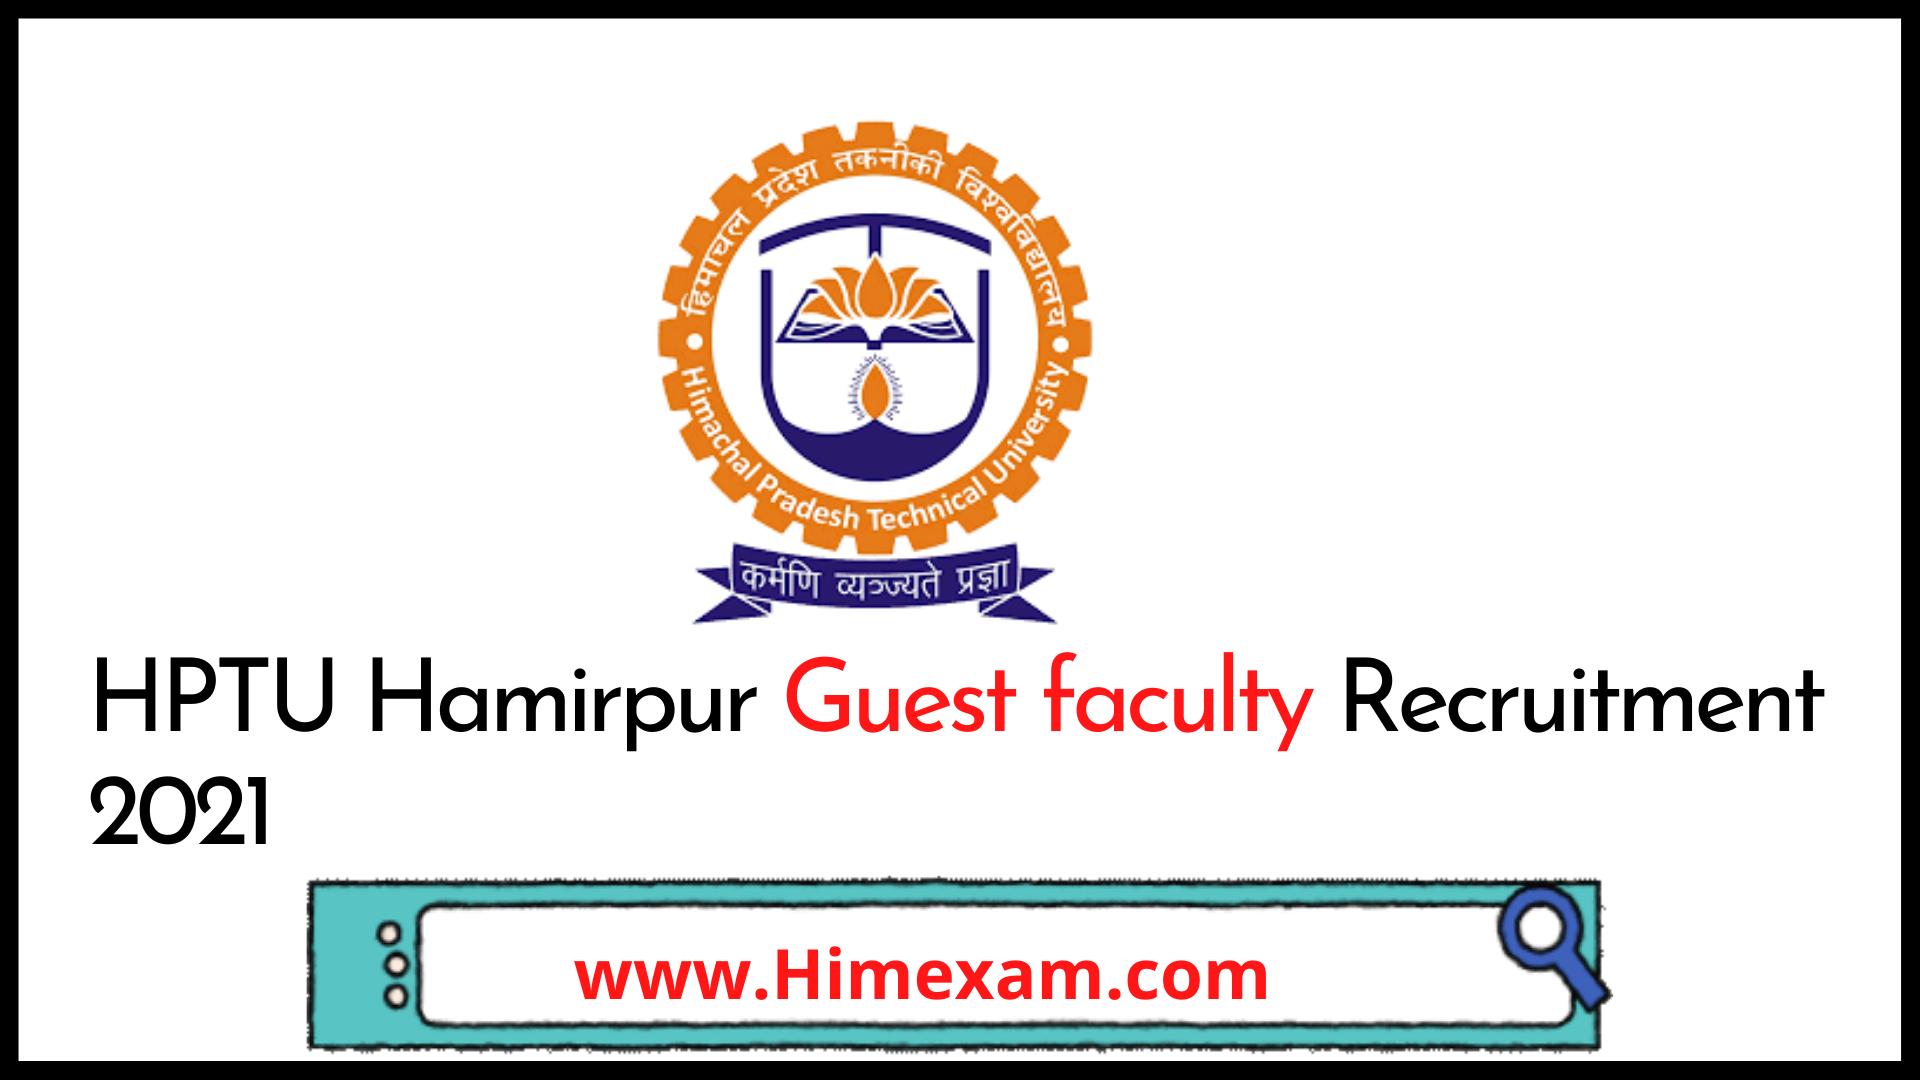 HPTU Hamirpur Guest faculty Recruitment 2021